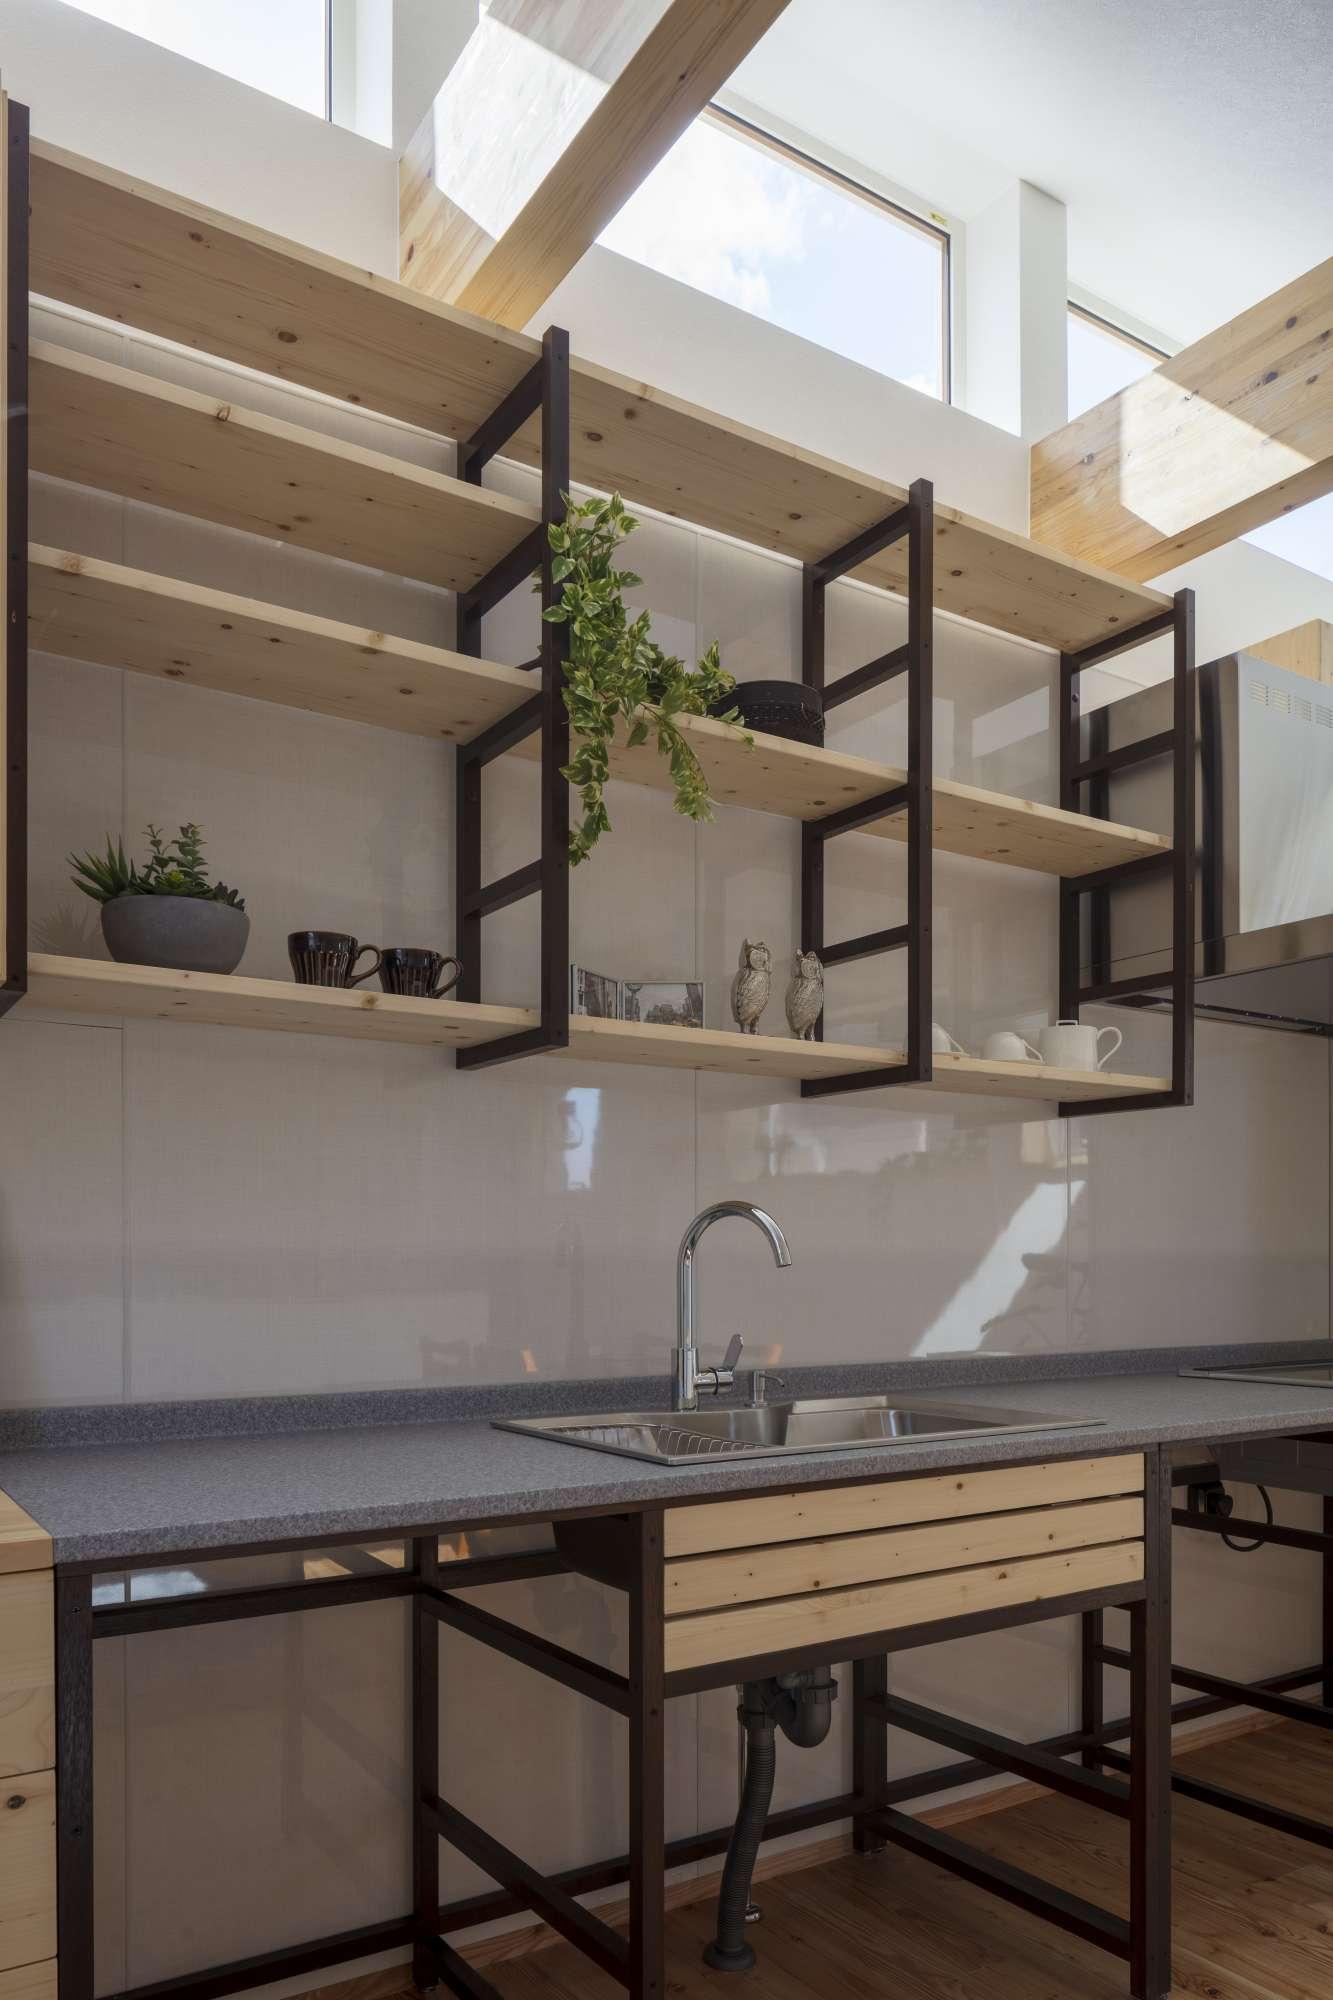 棚を増やしたり、色を変えたり創造力がかきたてられる造作吊戸 -  -  -